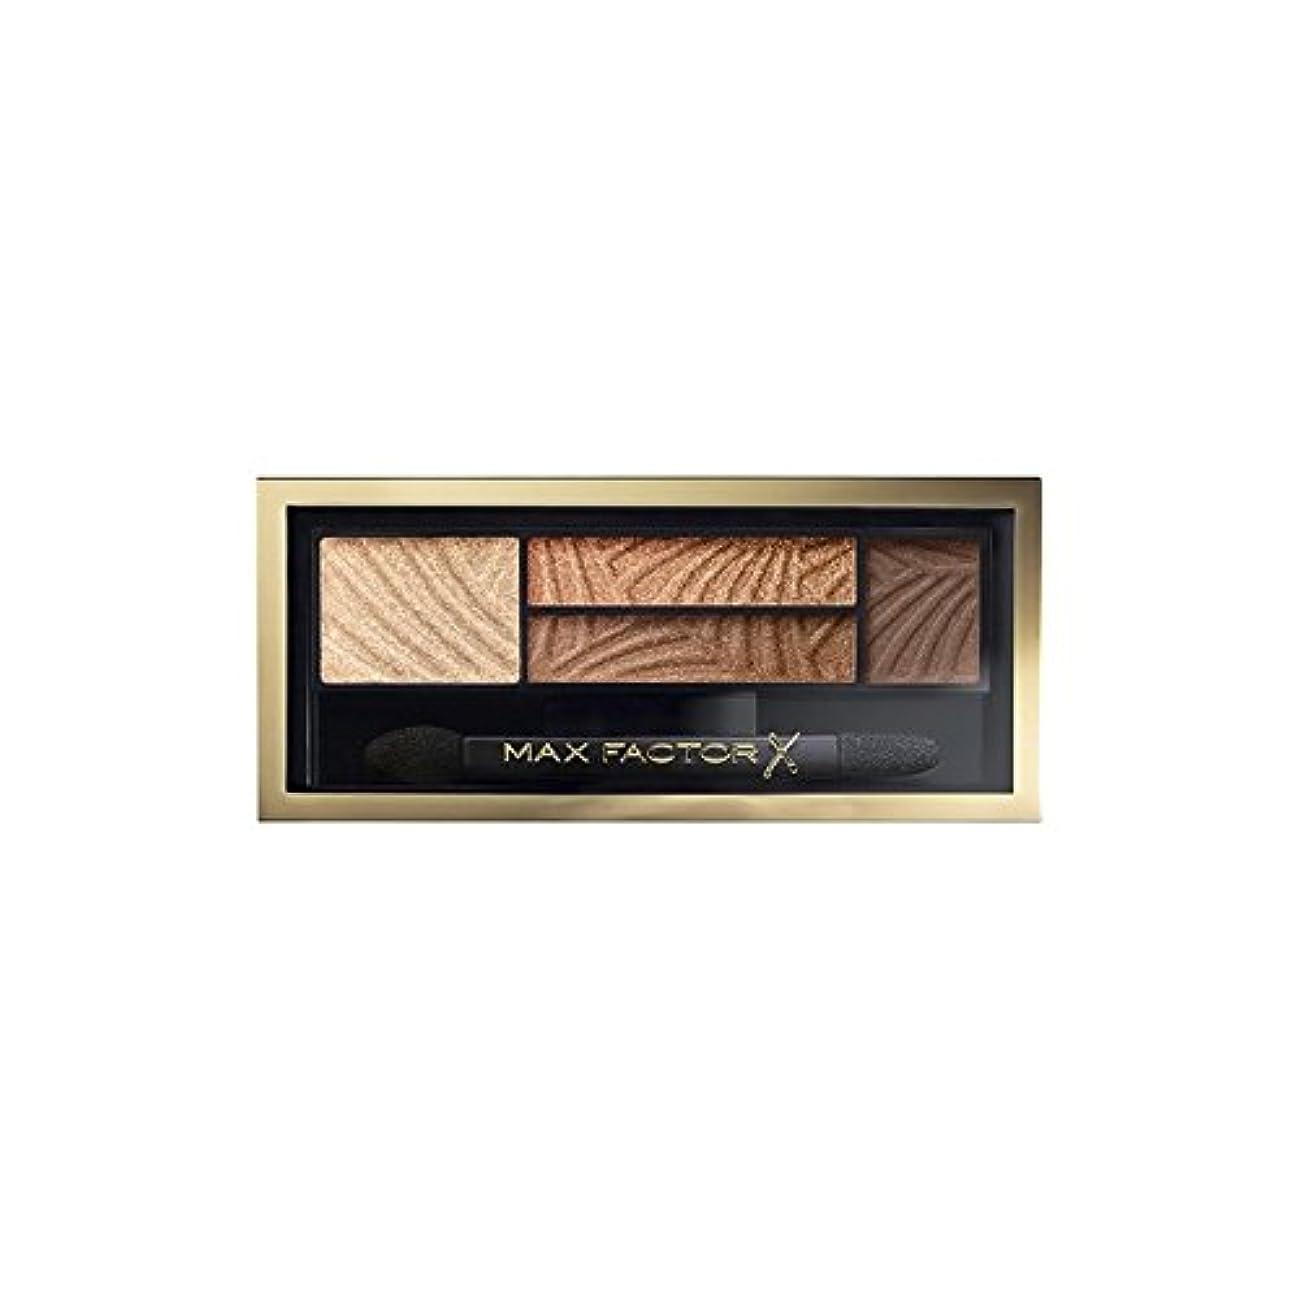 苦味凍結クラスマックスファクタースモーキーアイ豪華な金 x4 - Max Factor Smokey Eye Eyeshdow Sumptuous Gold (Pack of 4) [並行輸入品]